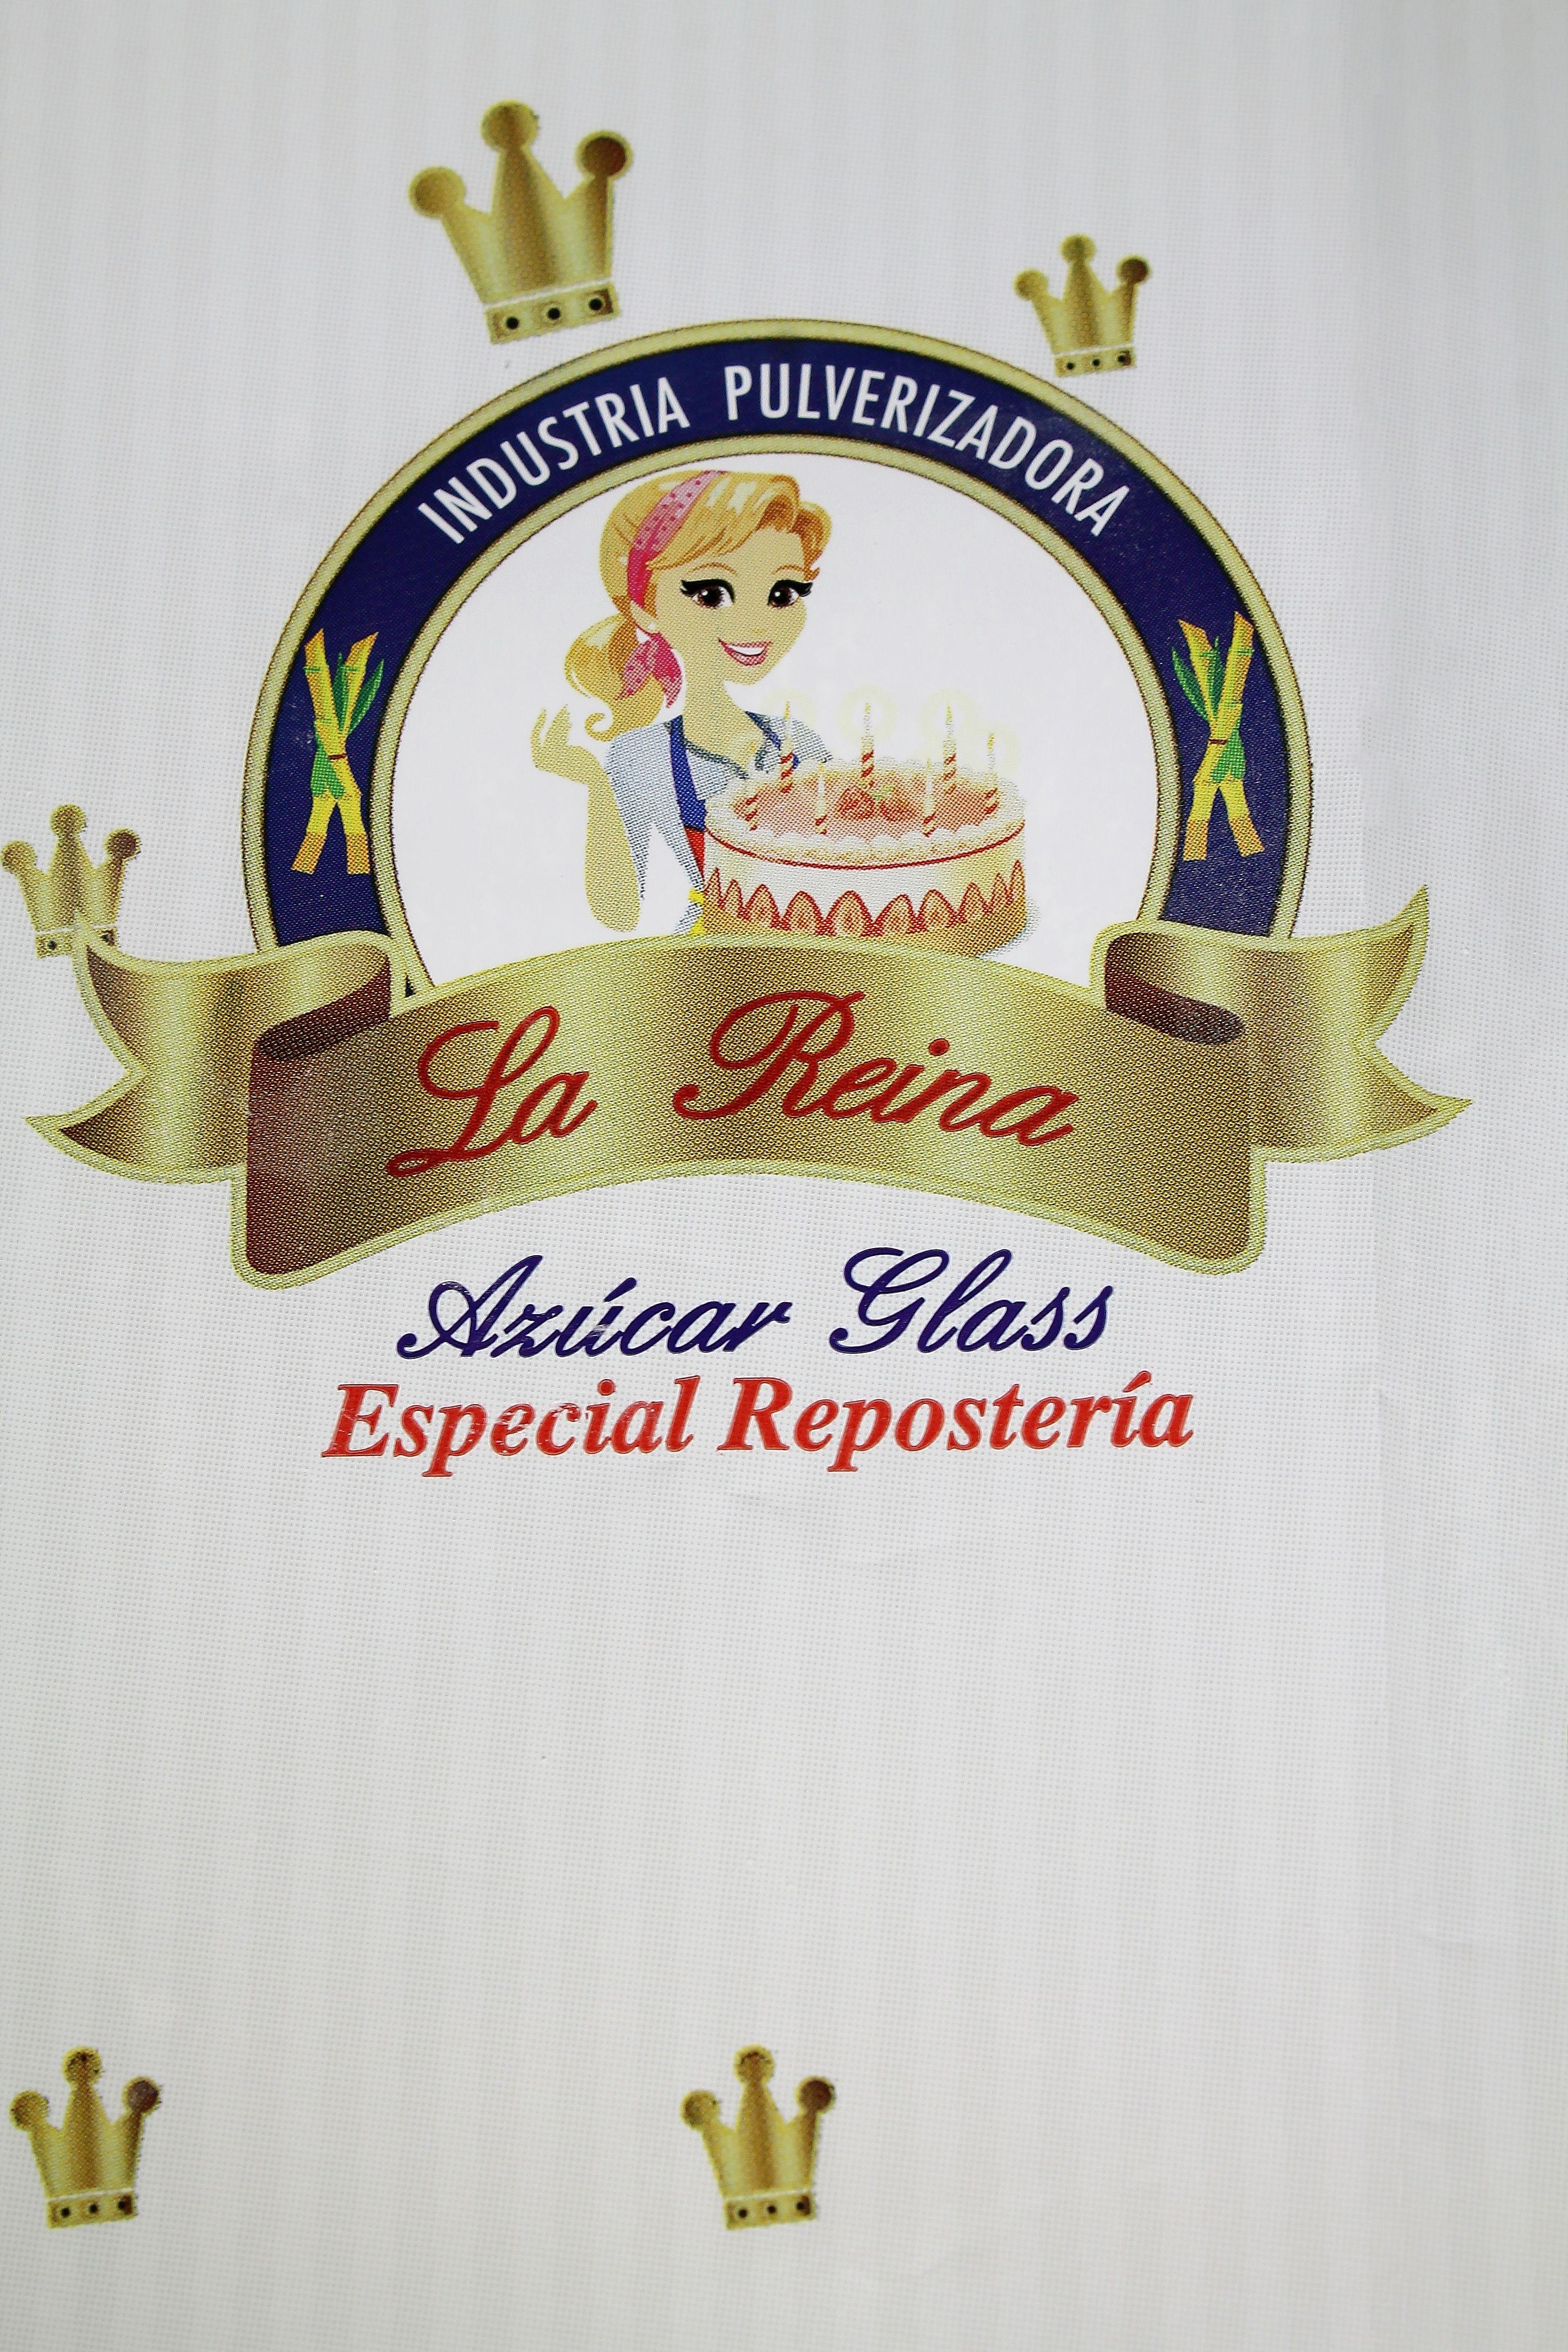 Azúcar glass refinada en Alcobendas